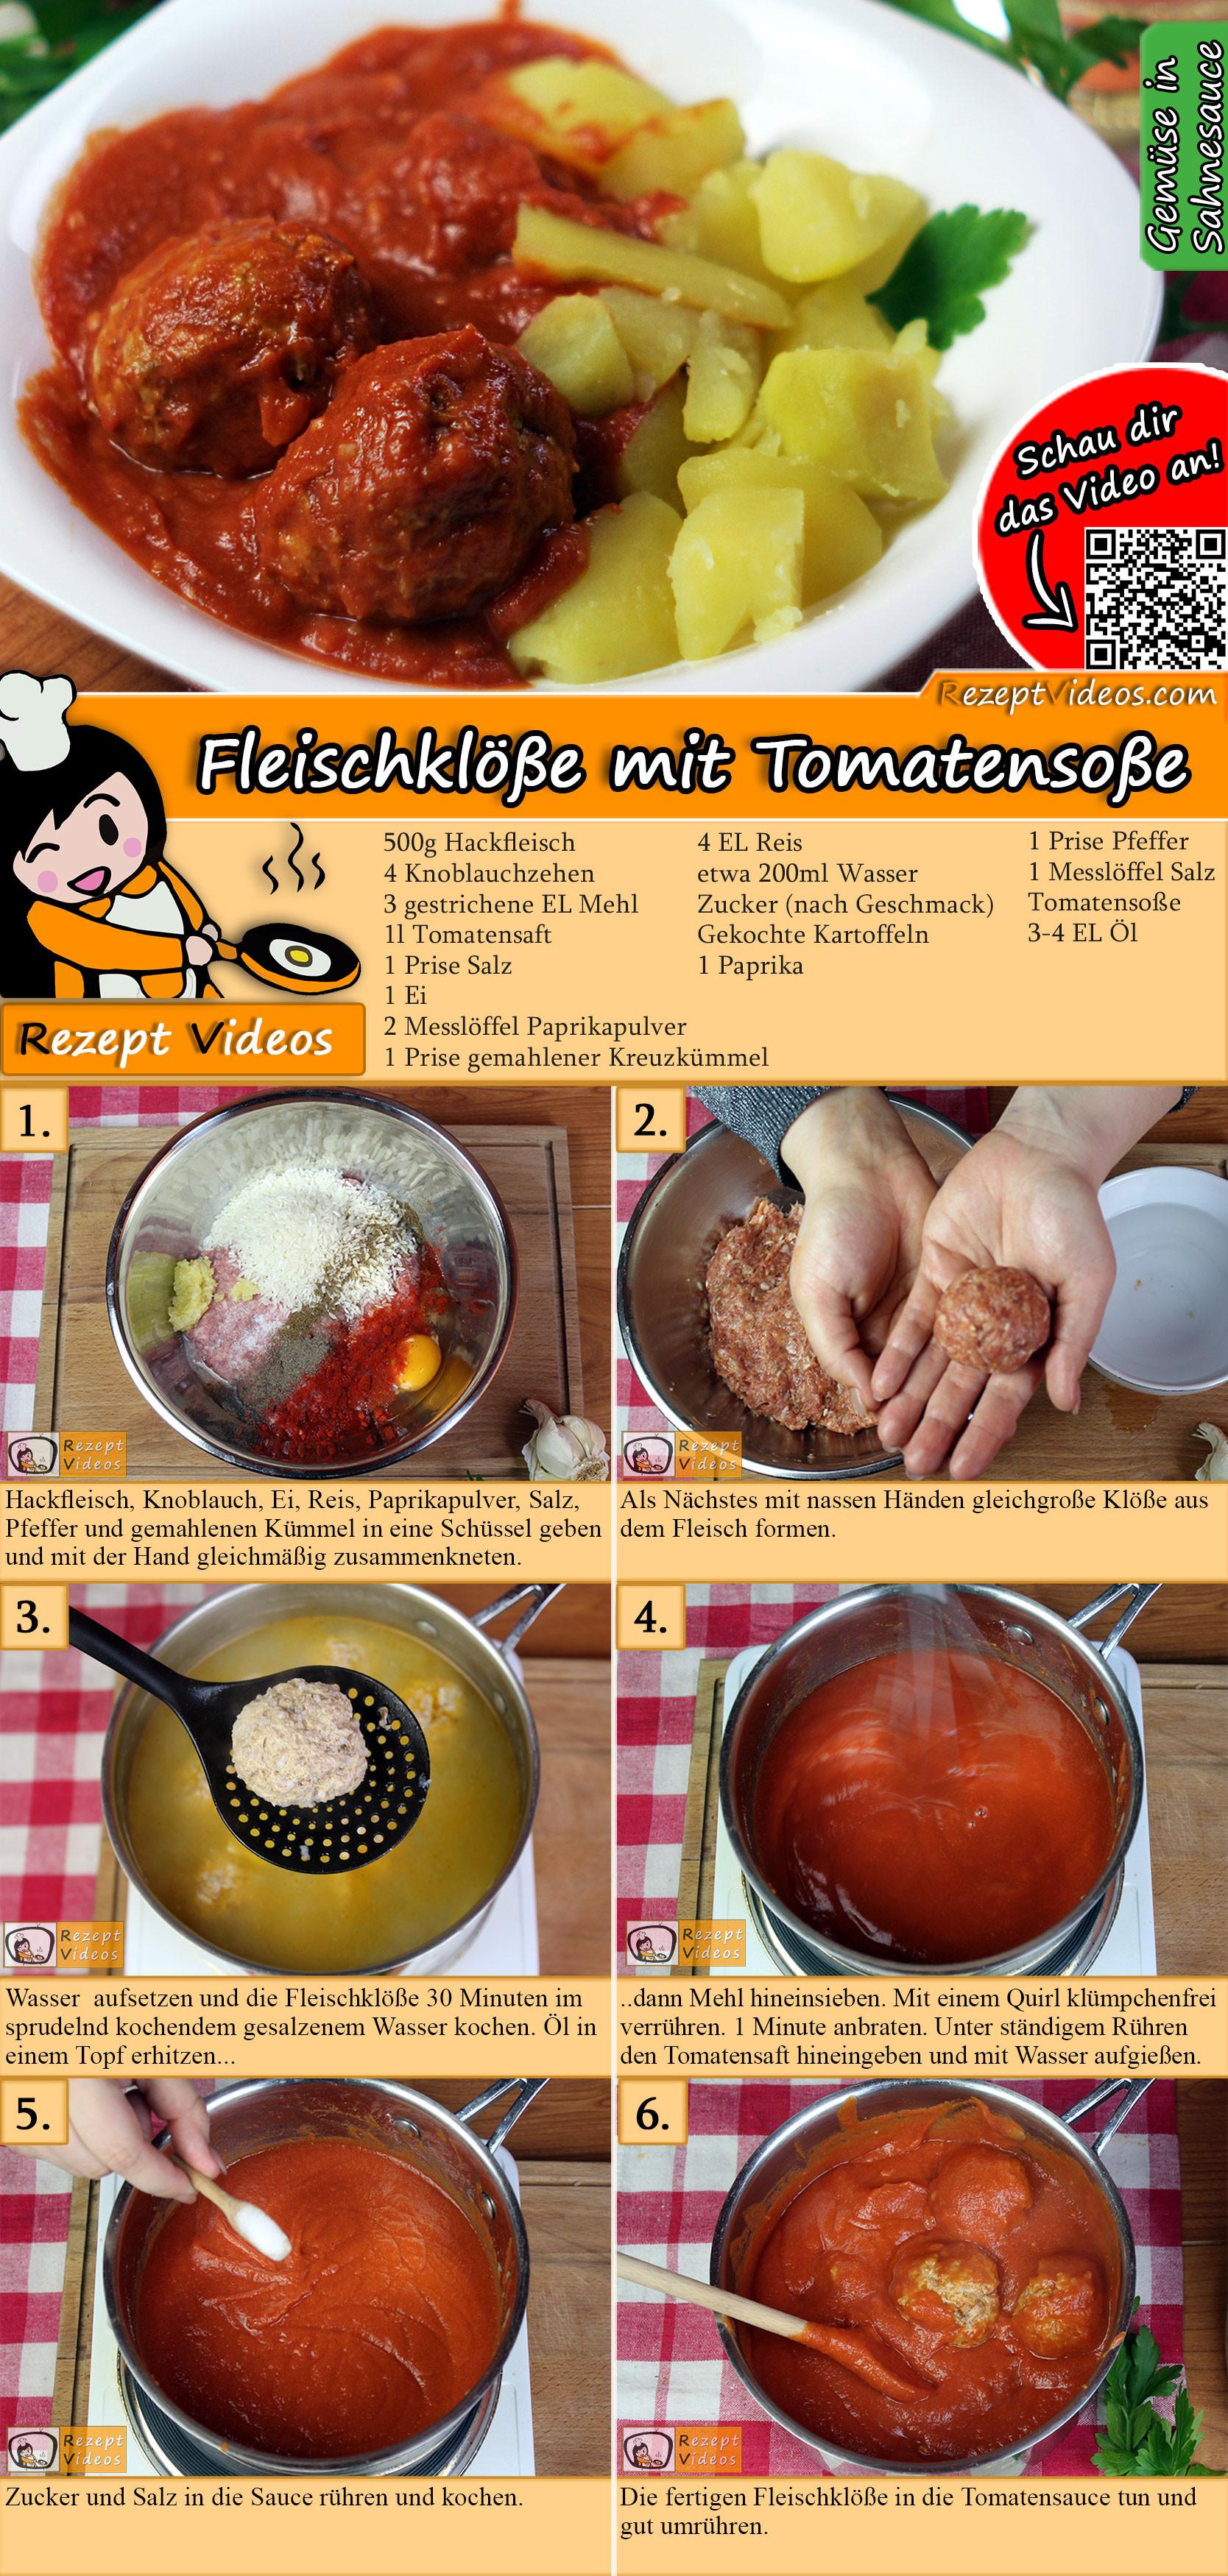 Fleischklöße mit Tomatensoße Rezept mit Video